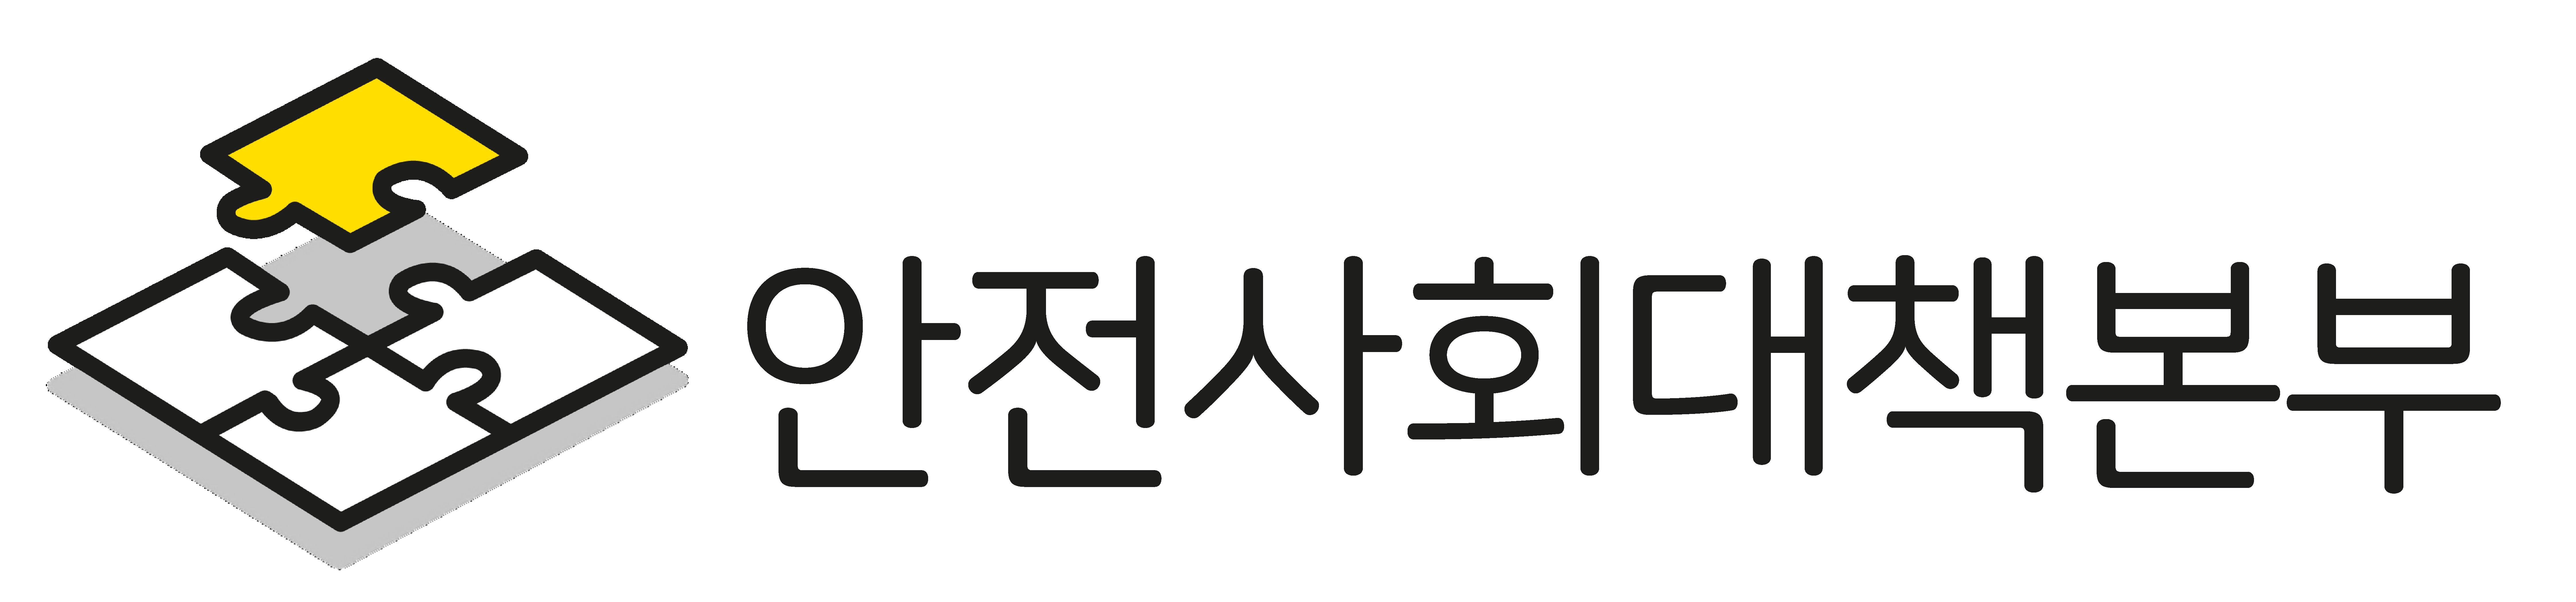 안전사회대책본부_로고-01.png